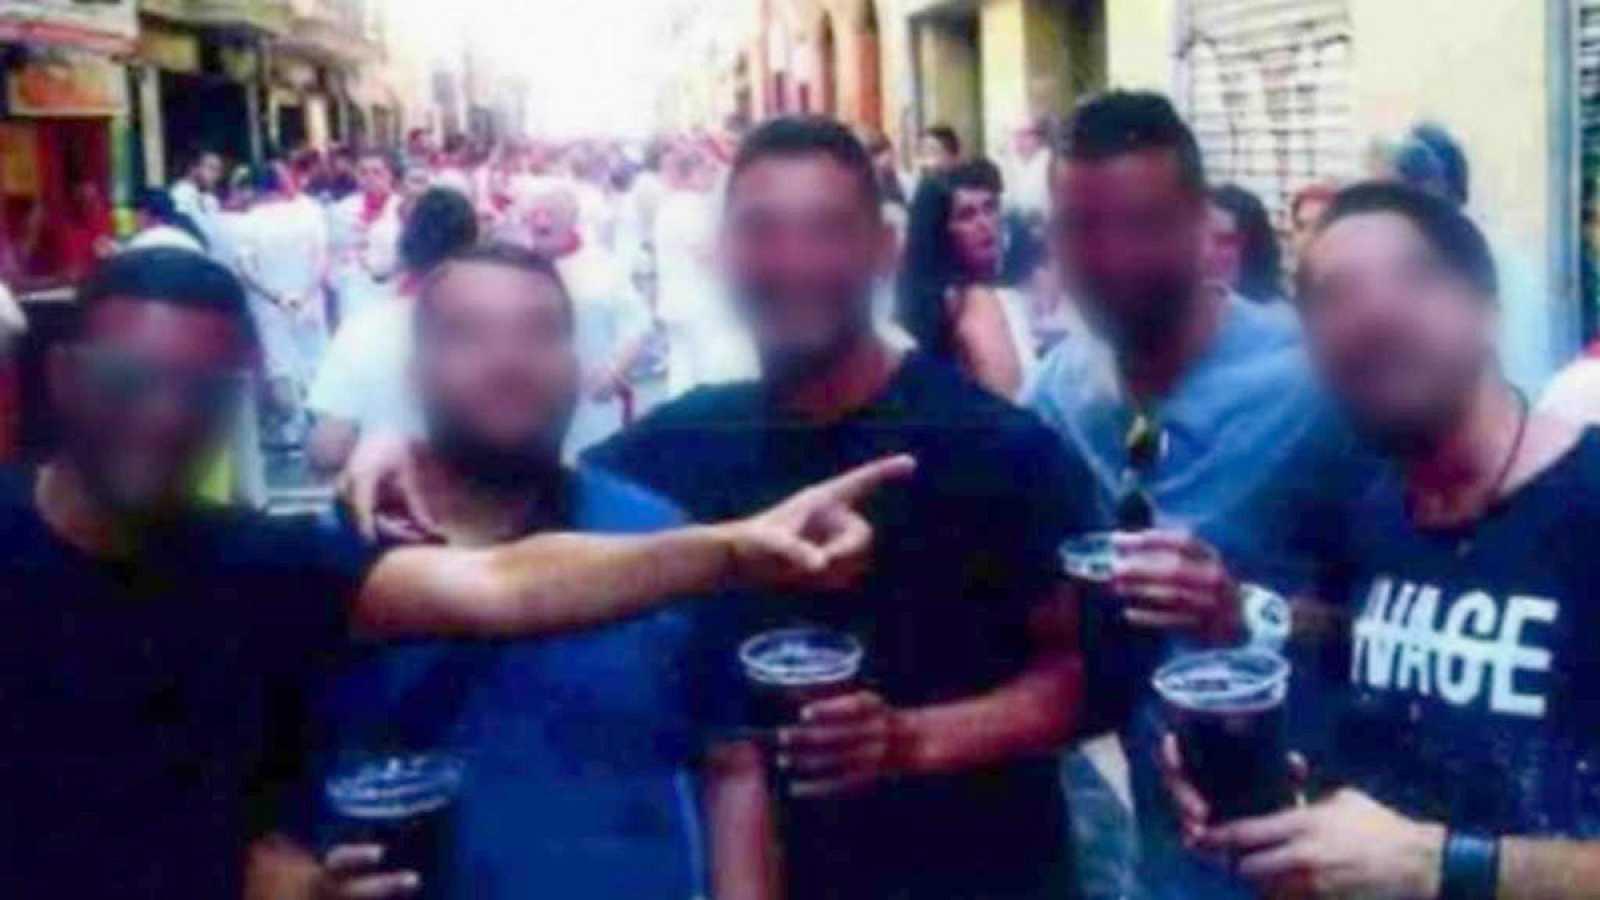 Para Todos Los Publicos Condenas De  Anos De Prision A Los Miembros De La Manada Por Abuso Reproducir Video